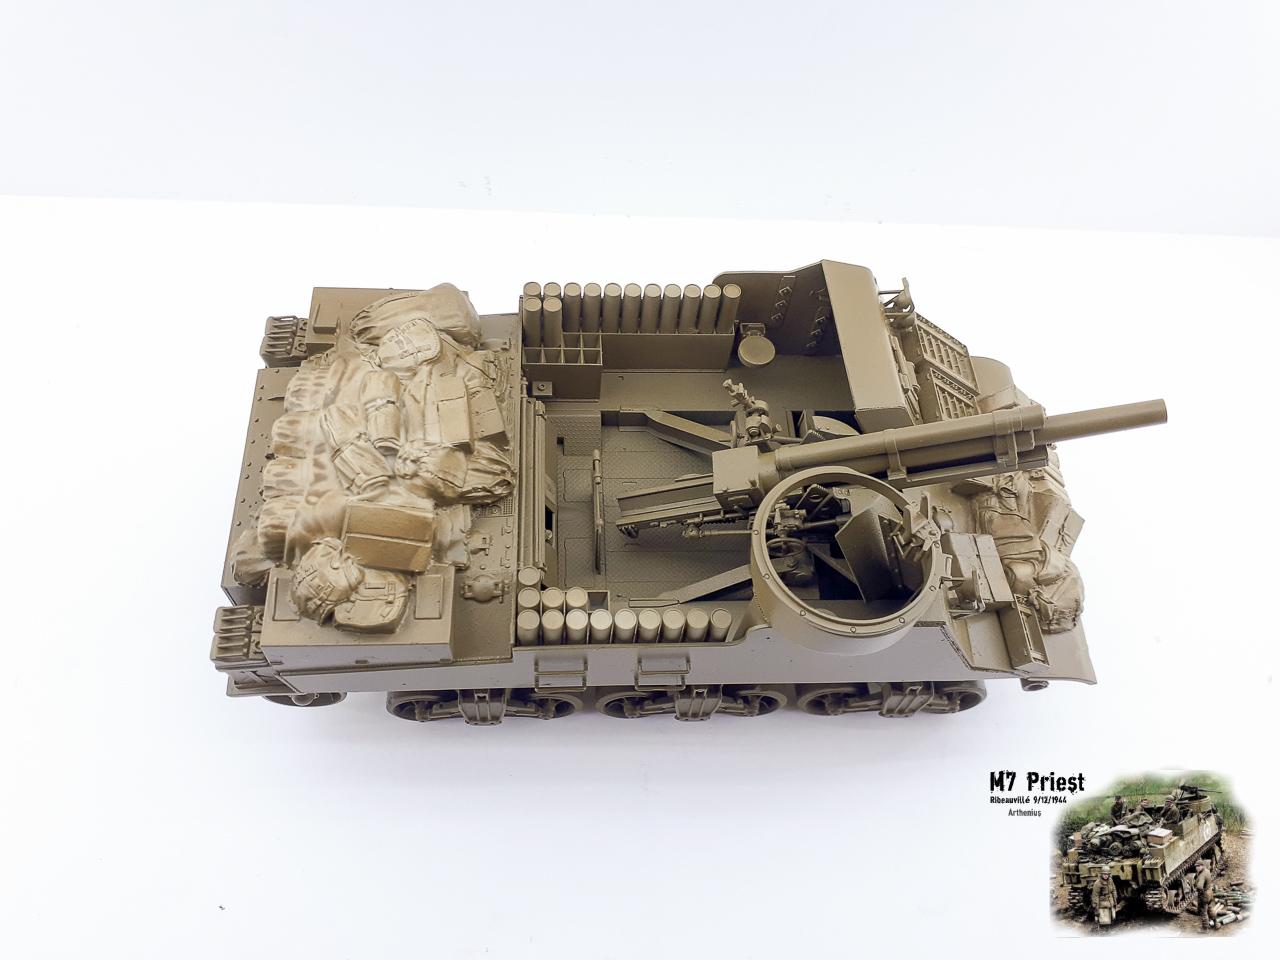 M7 Priest Ribeauvillé 9/12/1944 2018-057